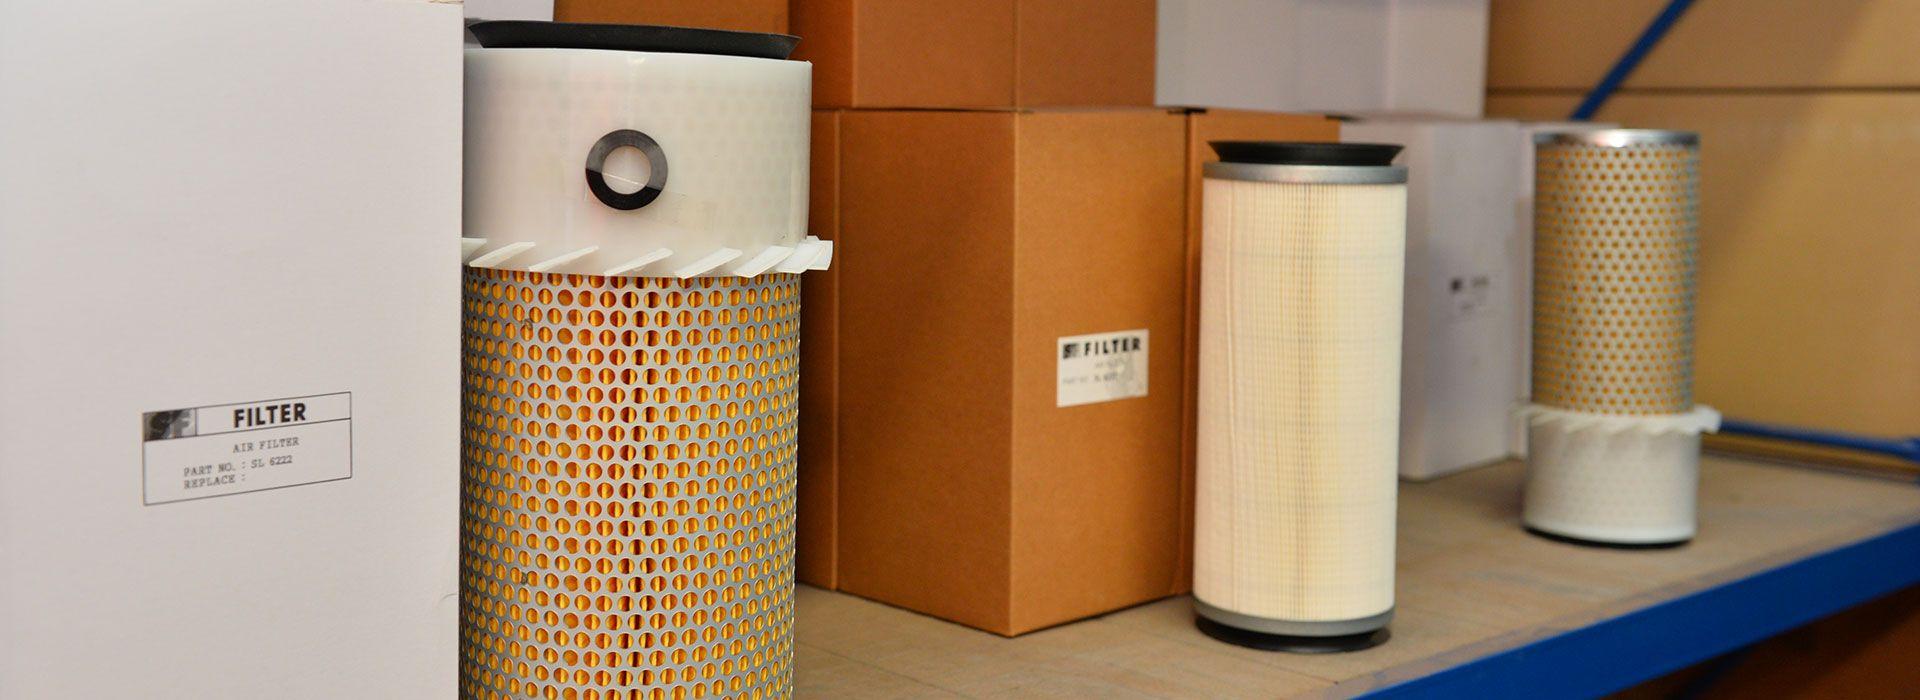 Scopri tutti i nostri filtri per miniescavatori e trattorini in stock